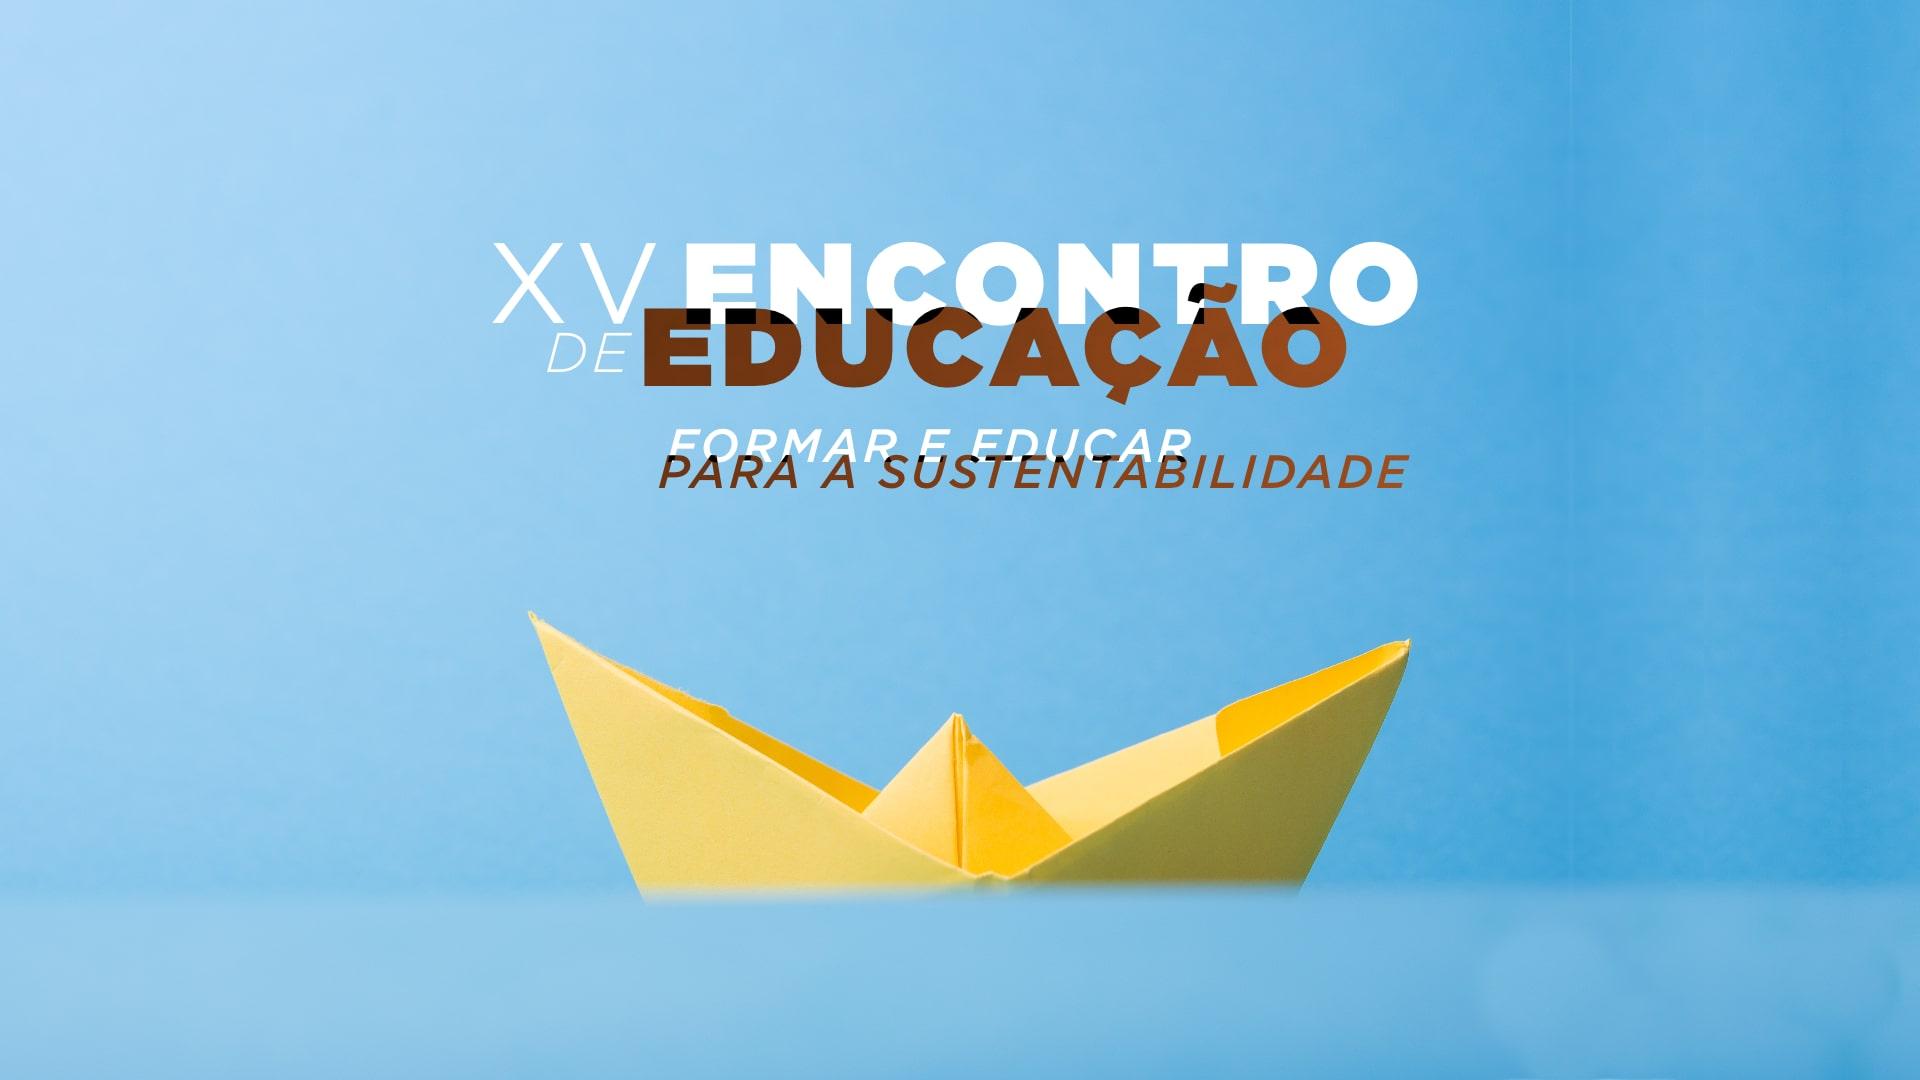 XV Encontro de Educação dedicado à sustentabilidade